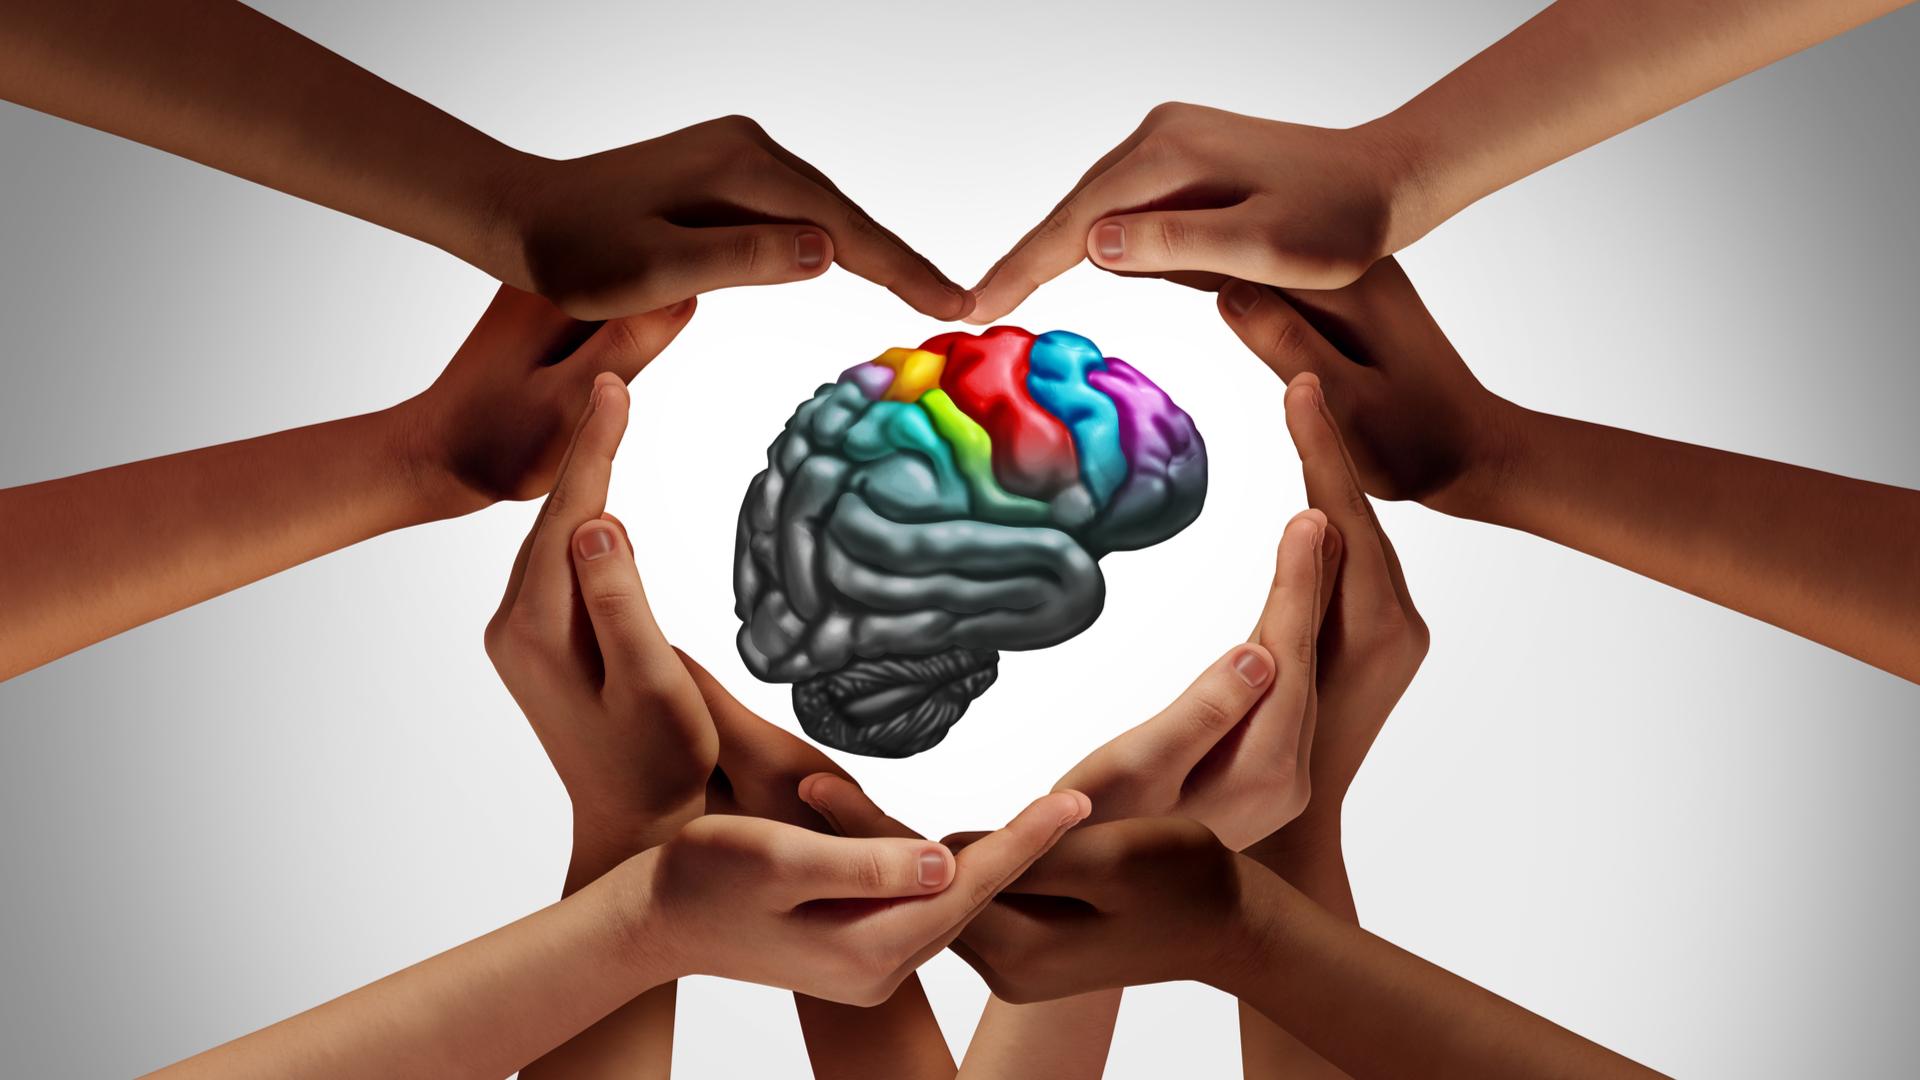 hands in heart shape around brain